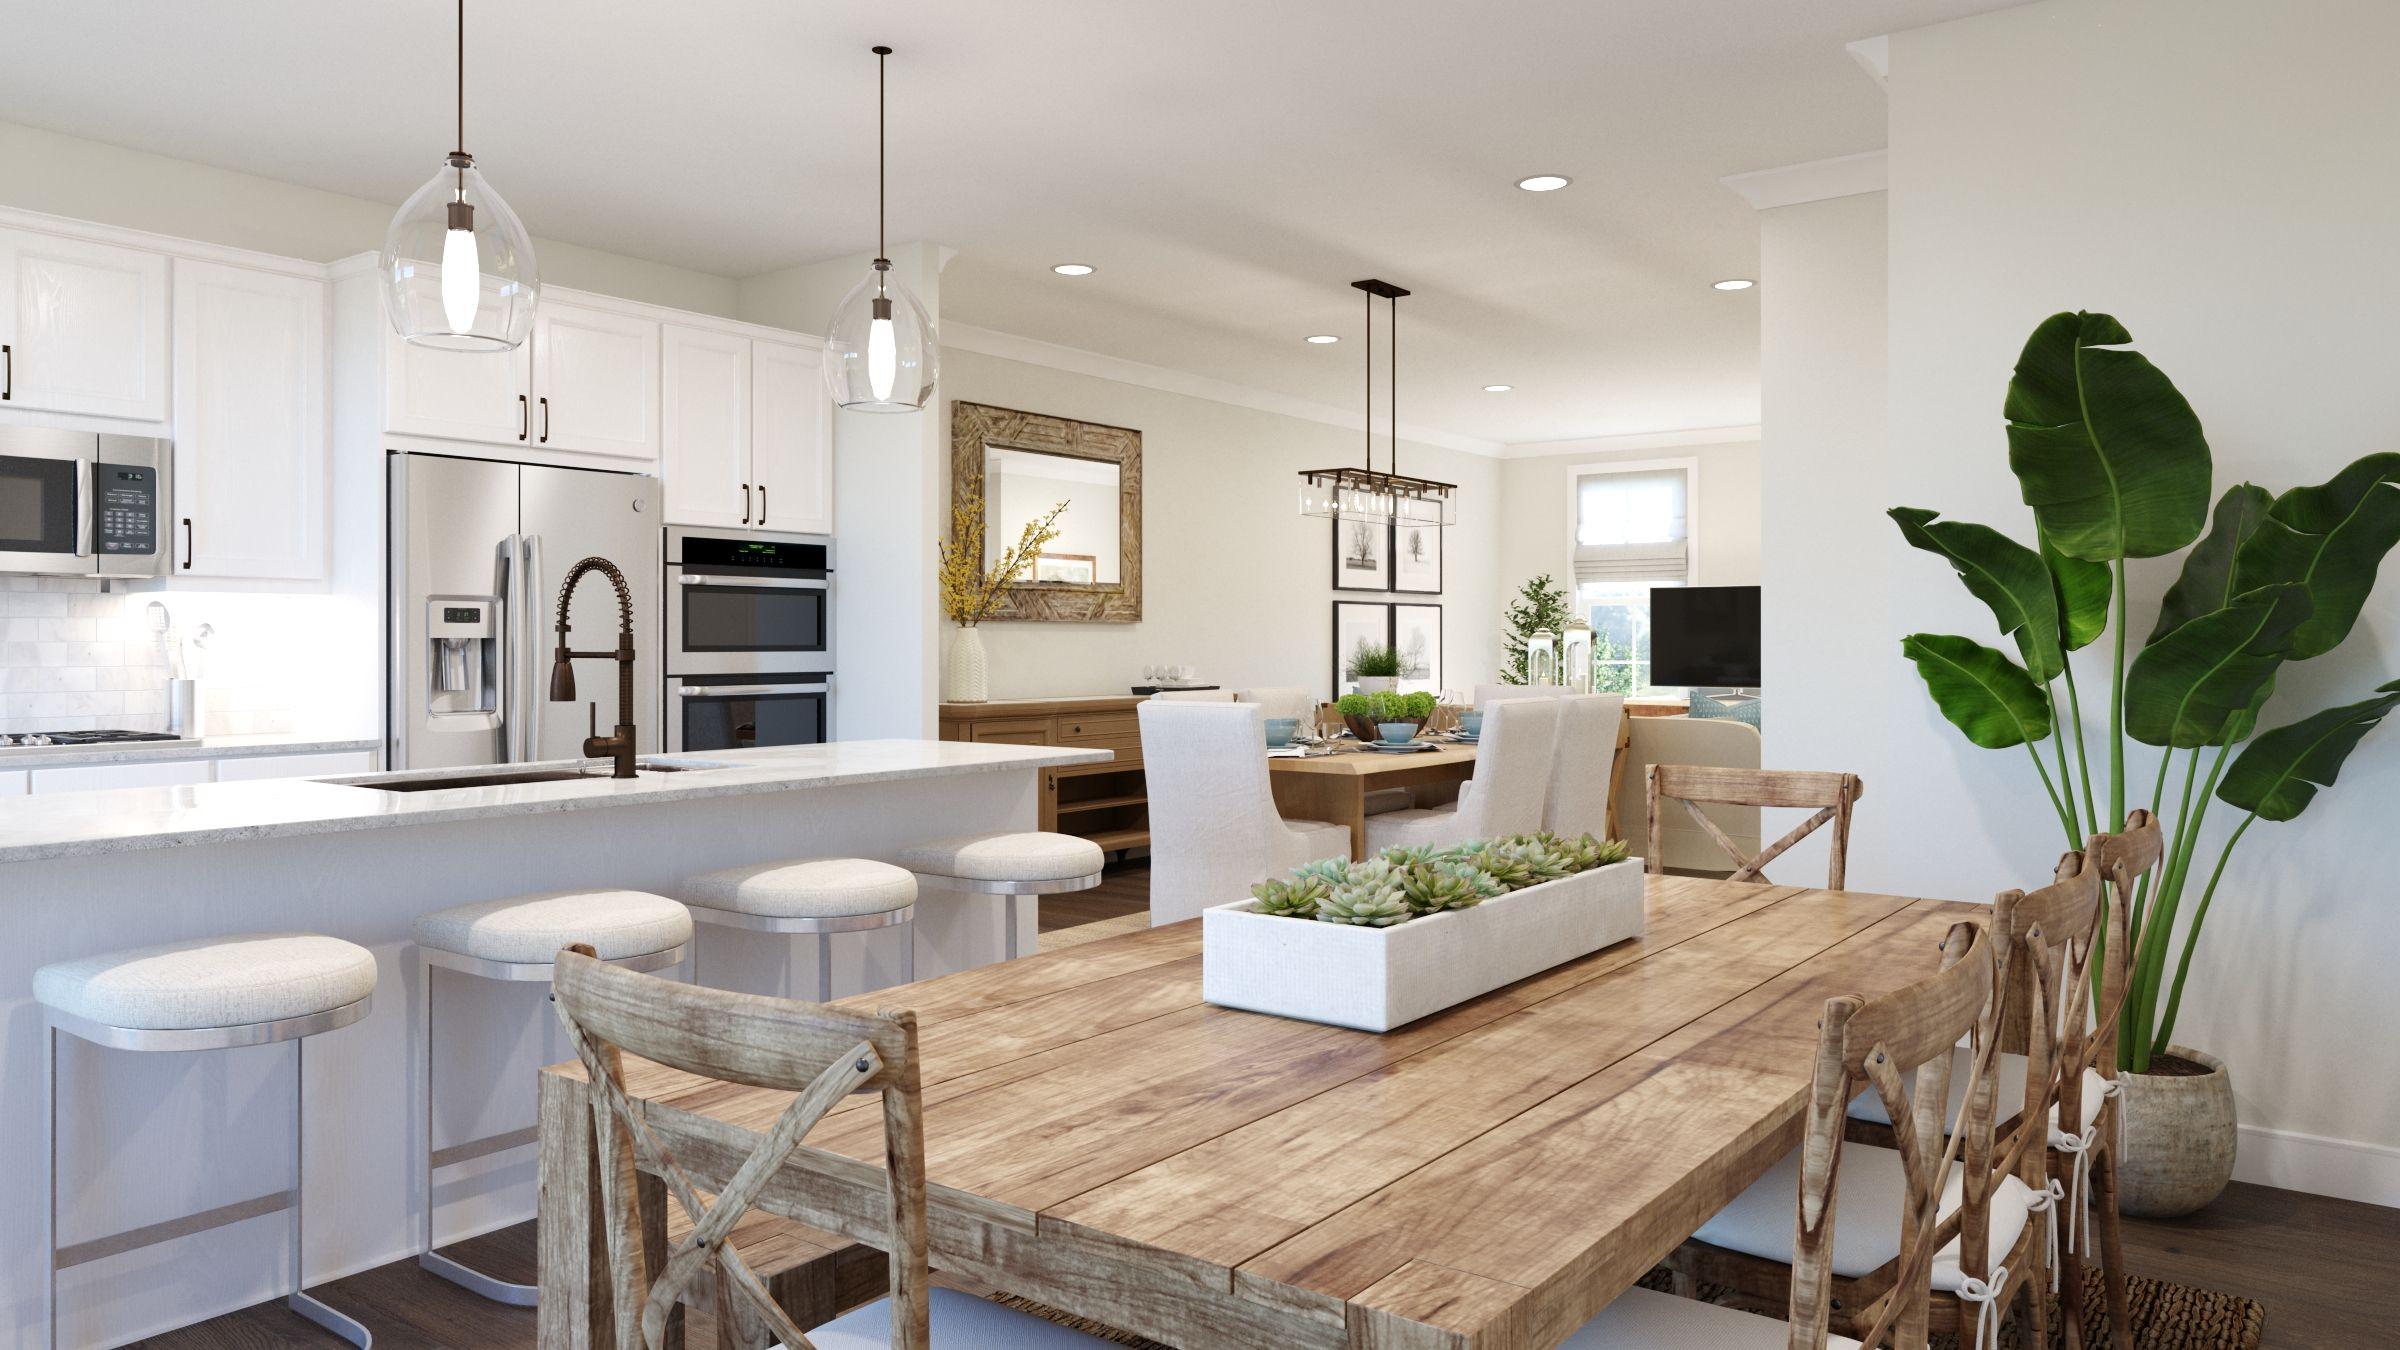 Living Area featured in the Tiegan By Van Metre Homes in Washington, VA